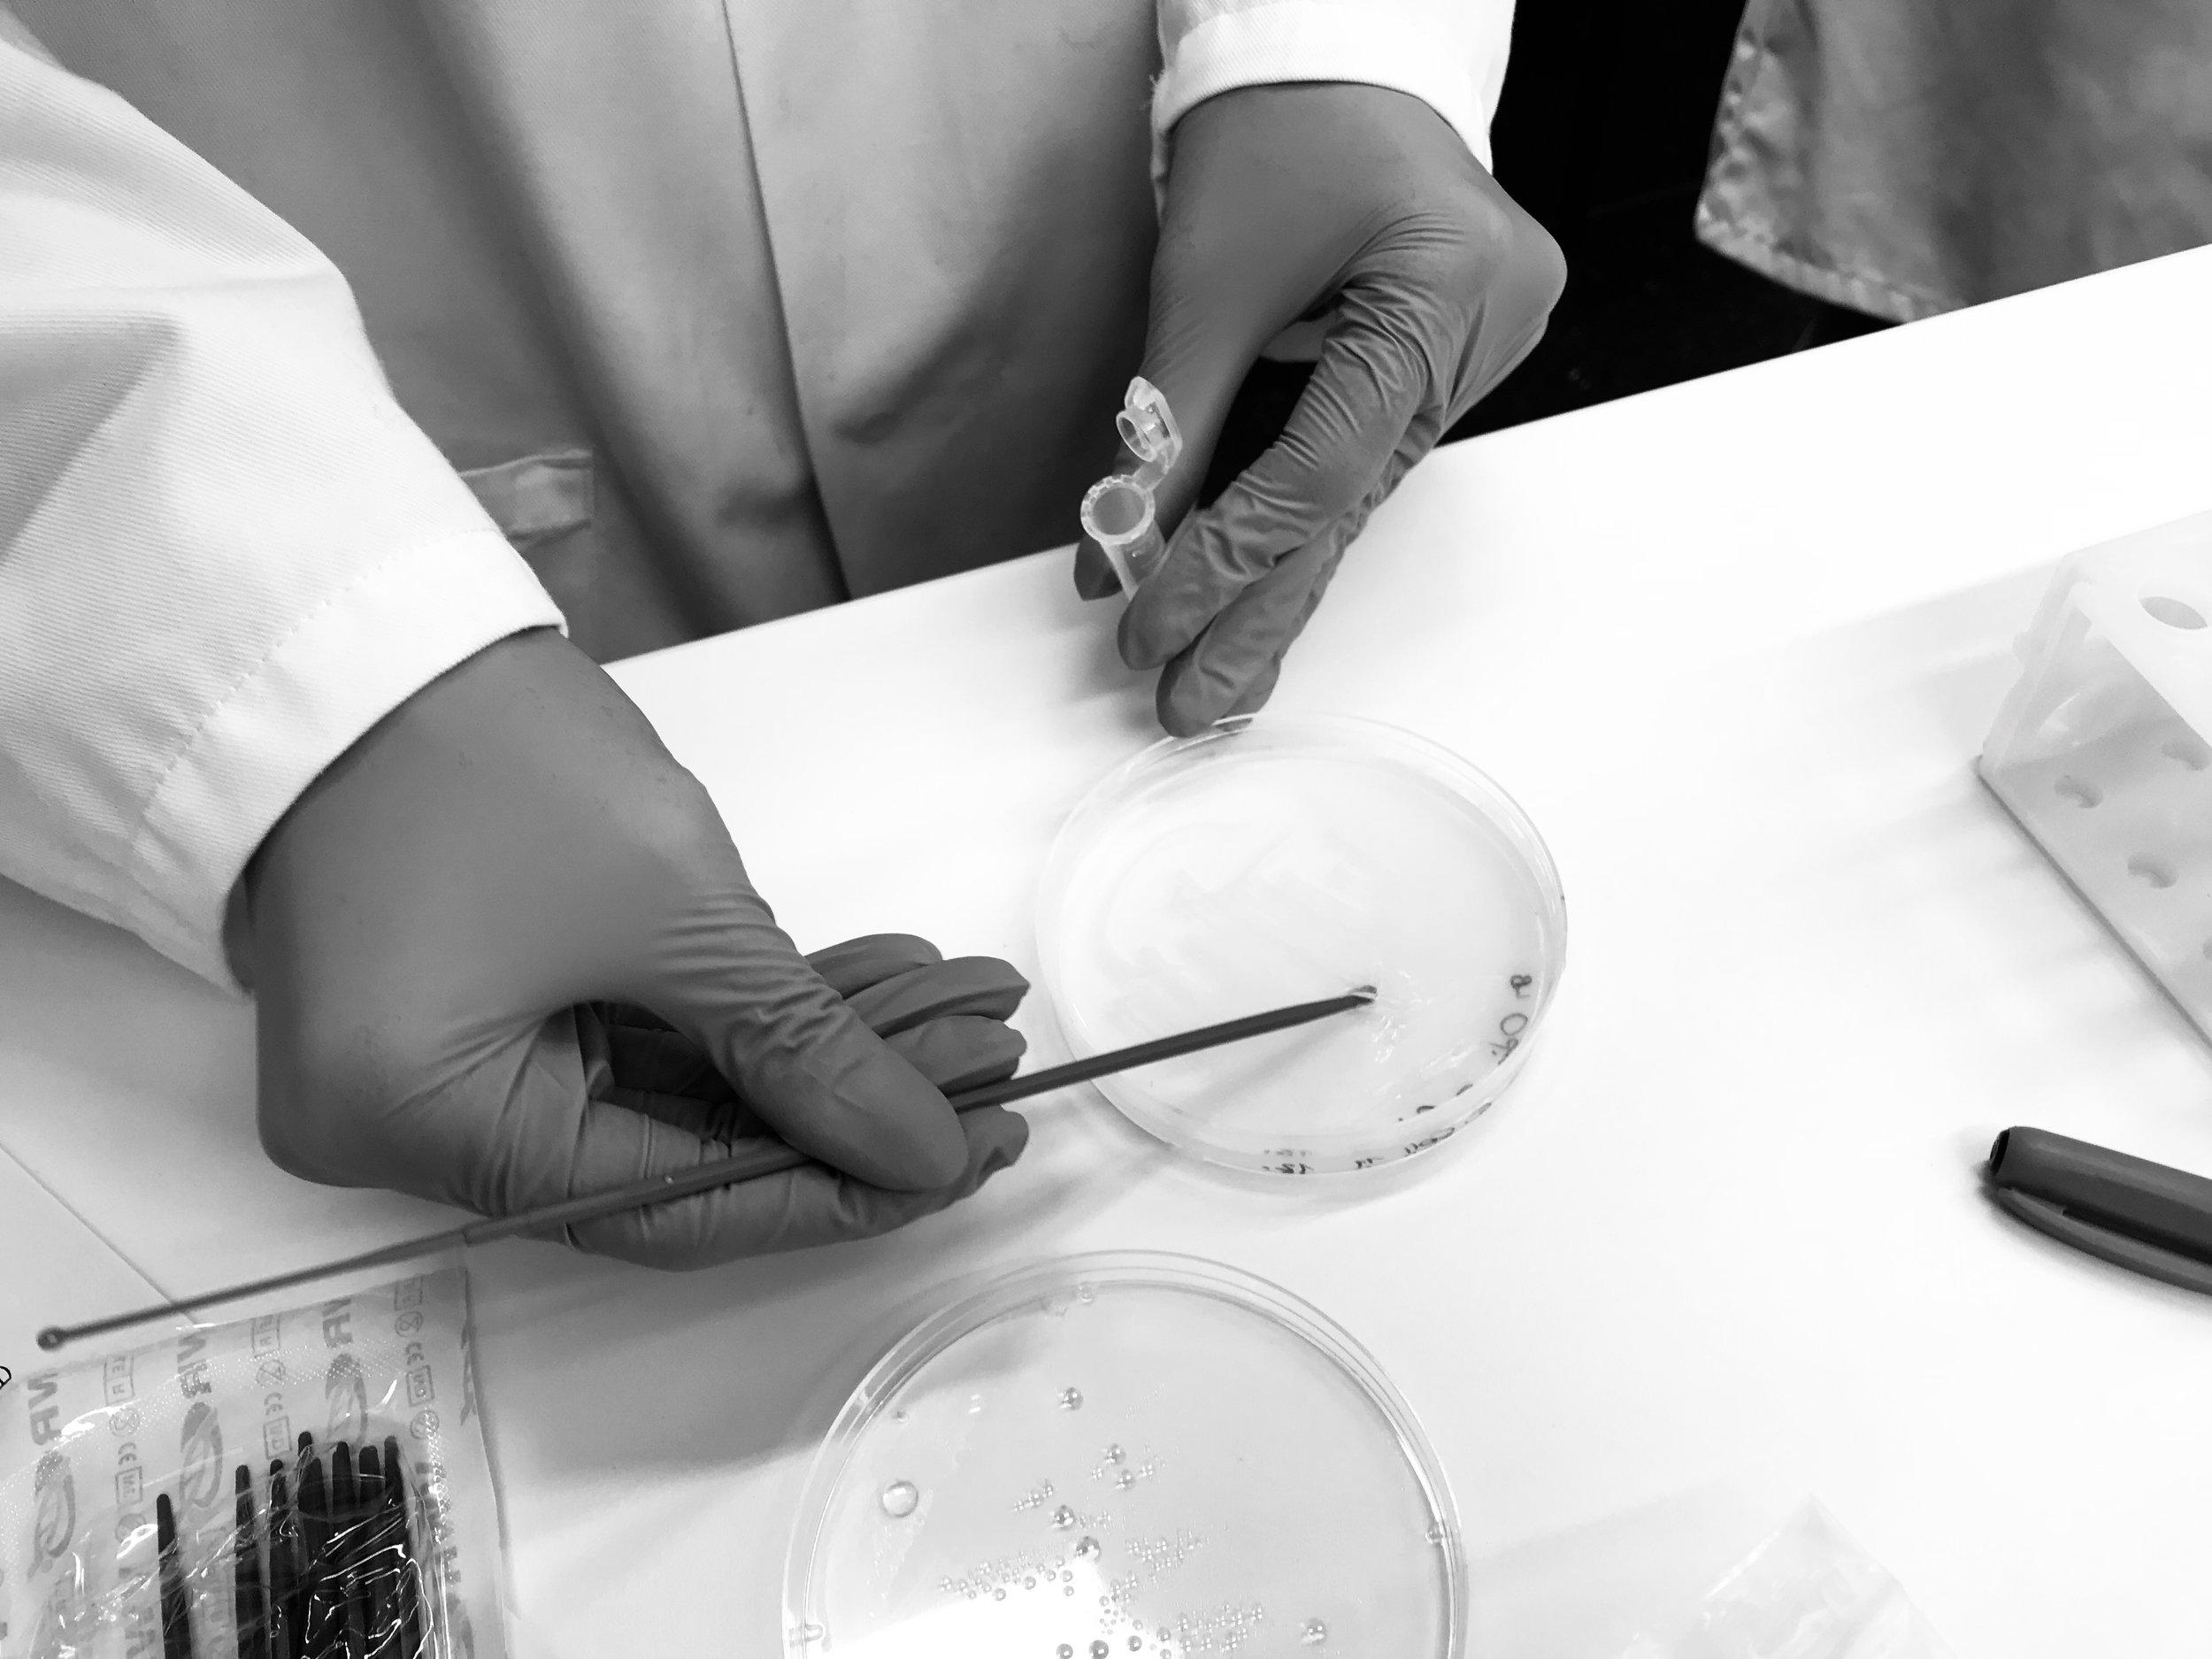 - CRISPR-cas9 workshops